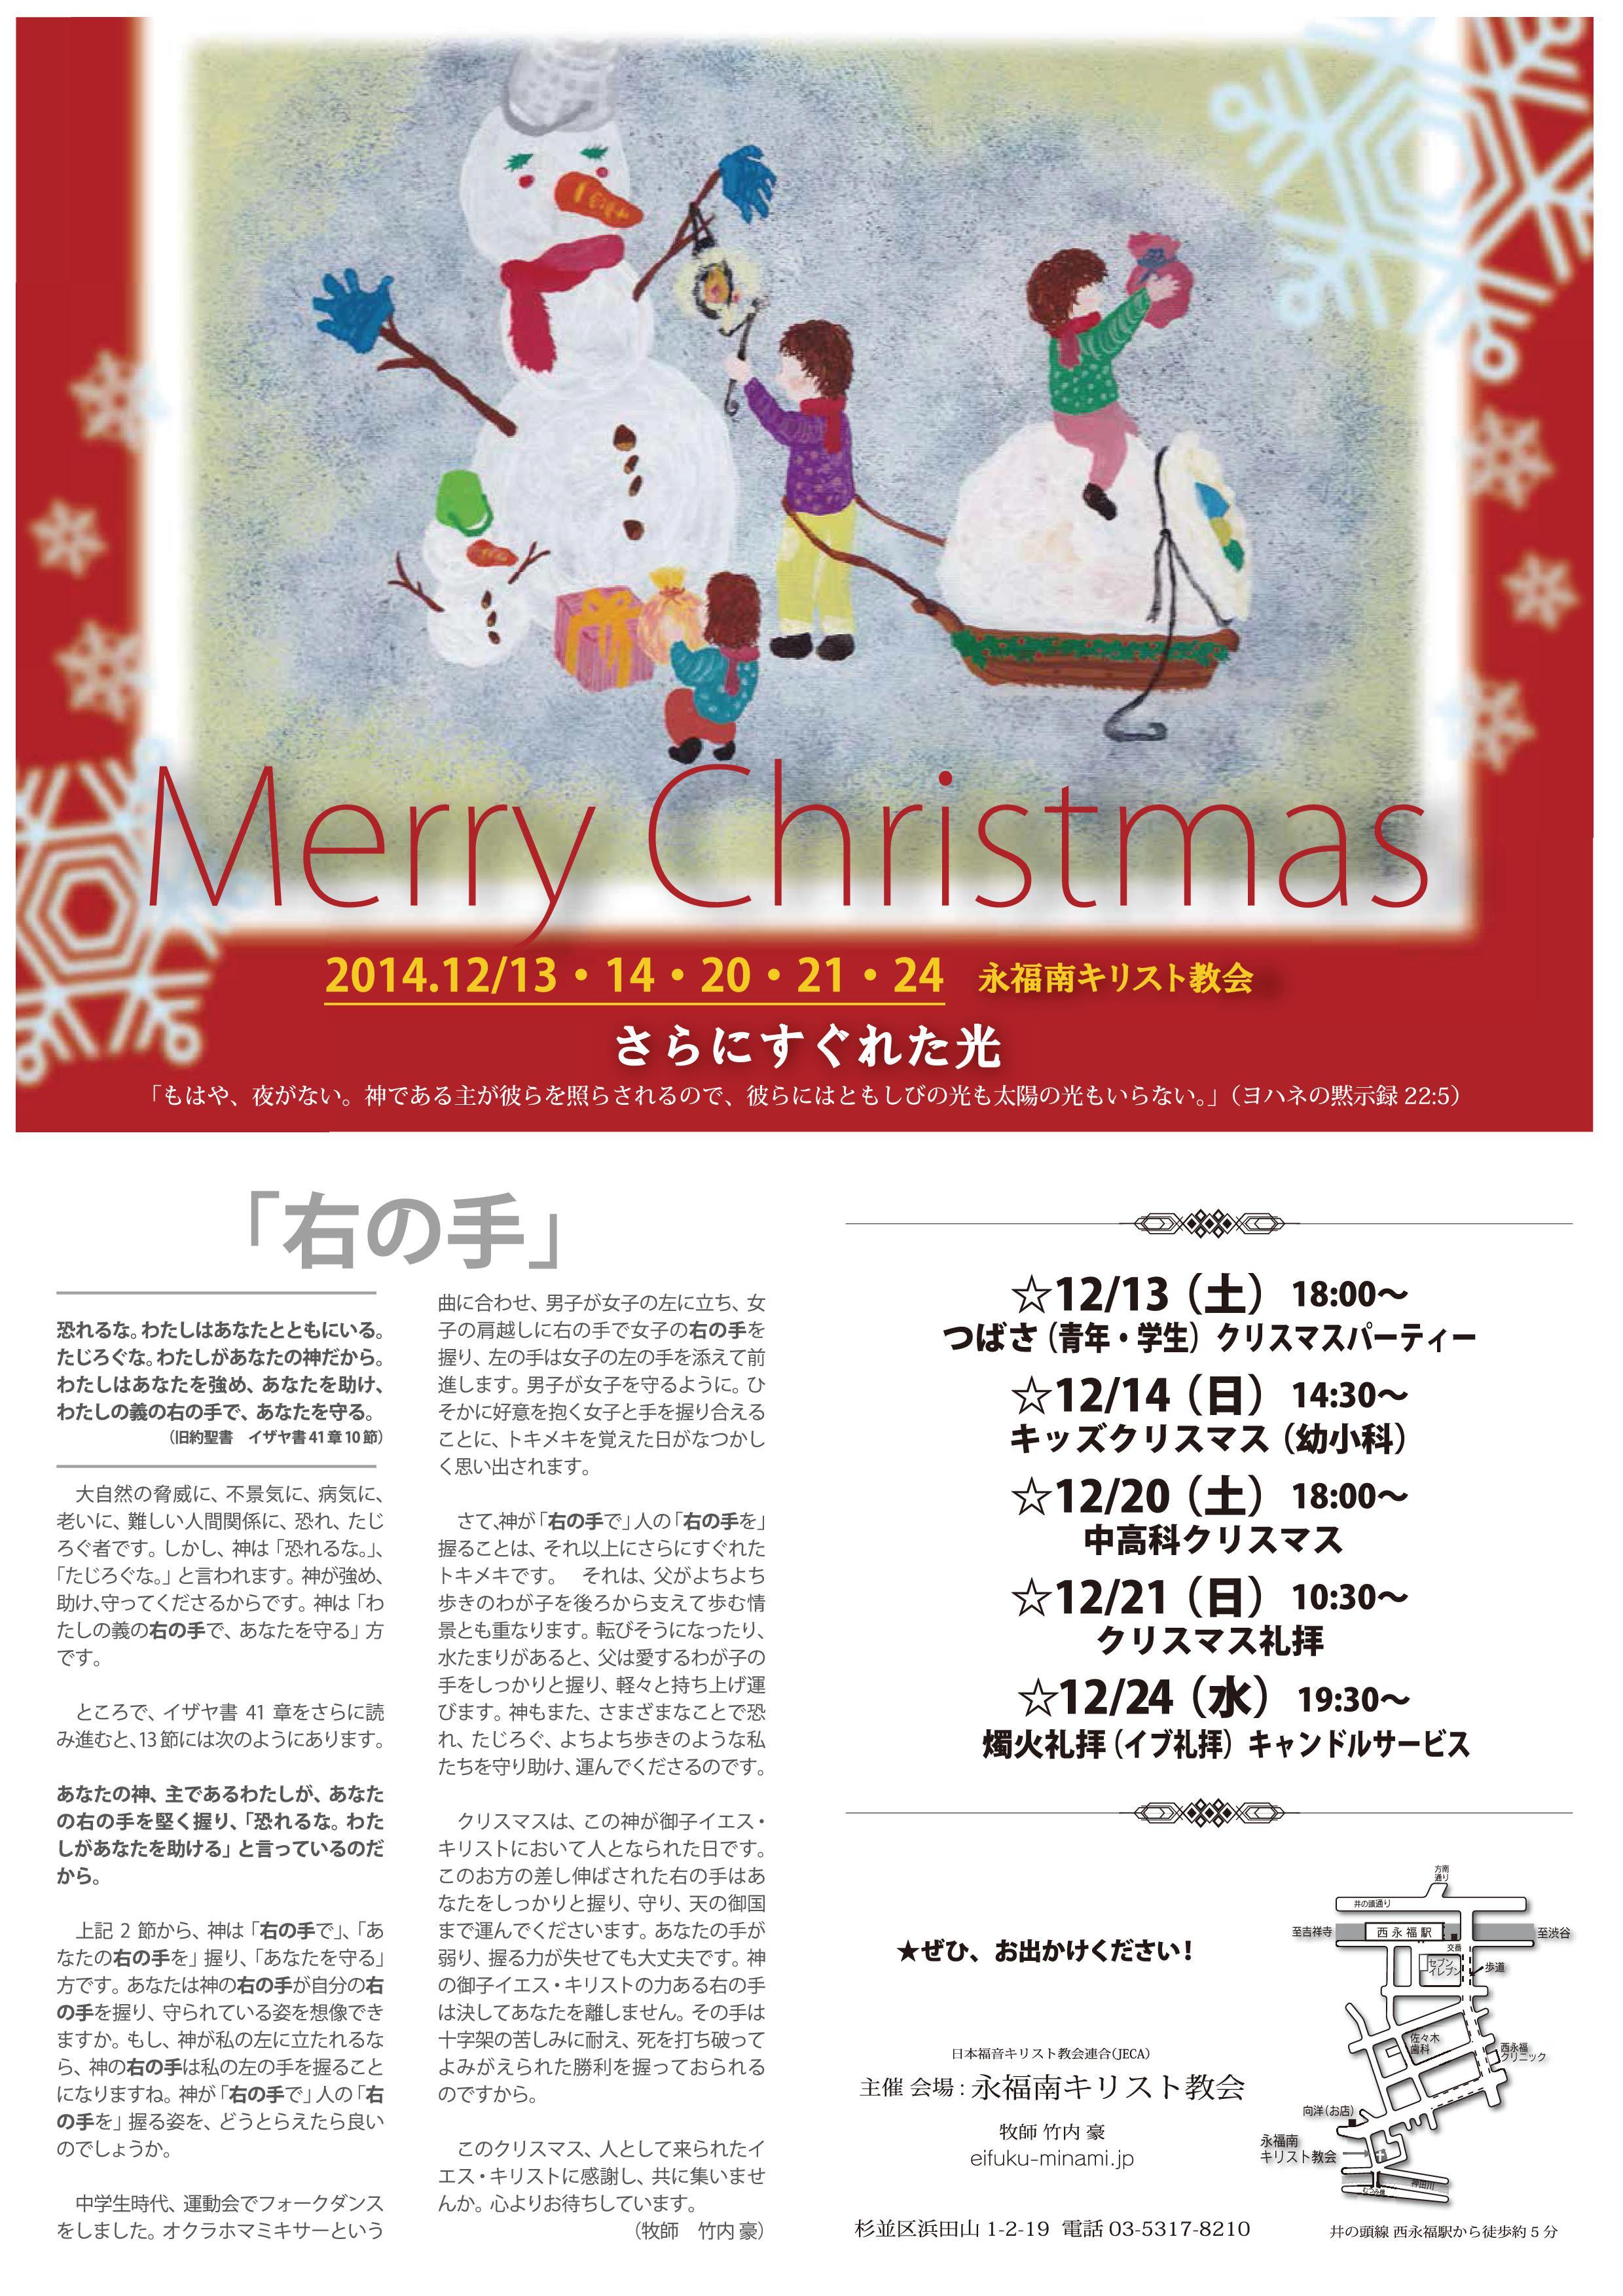 2014クリスマス~さらにすぐれた光~